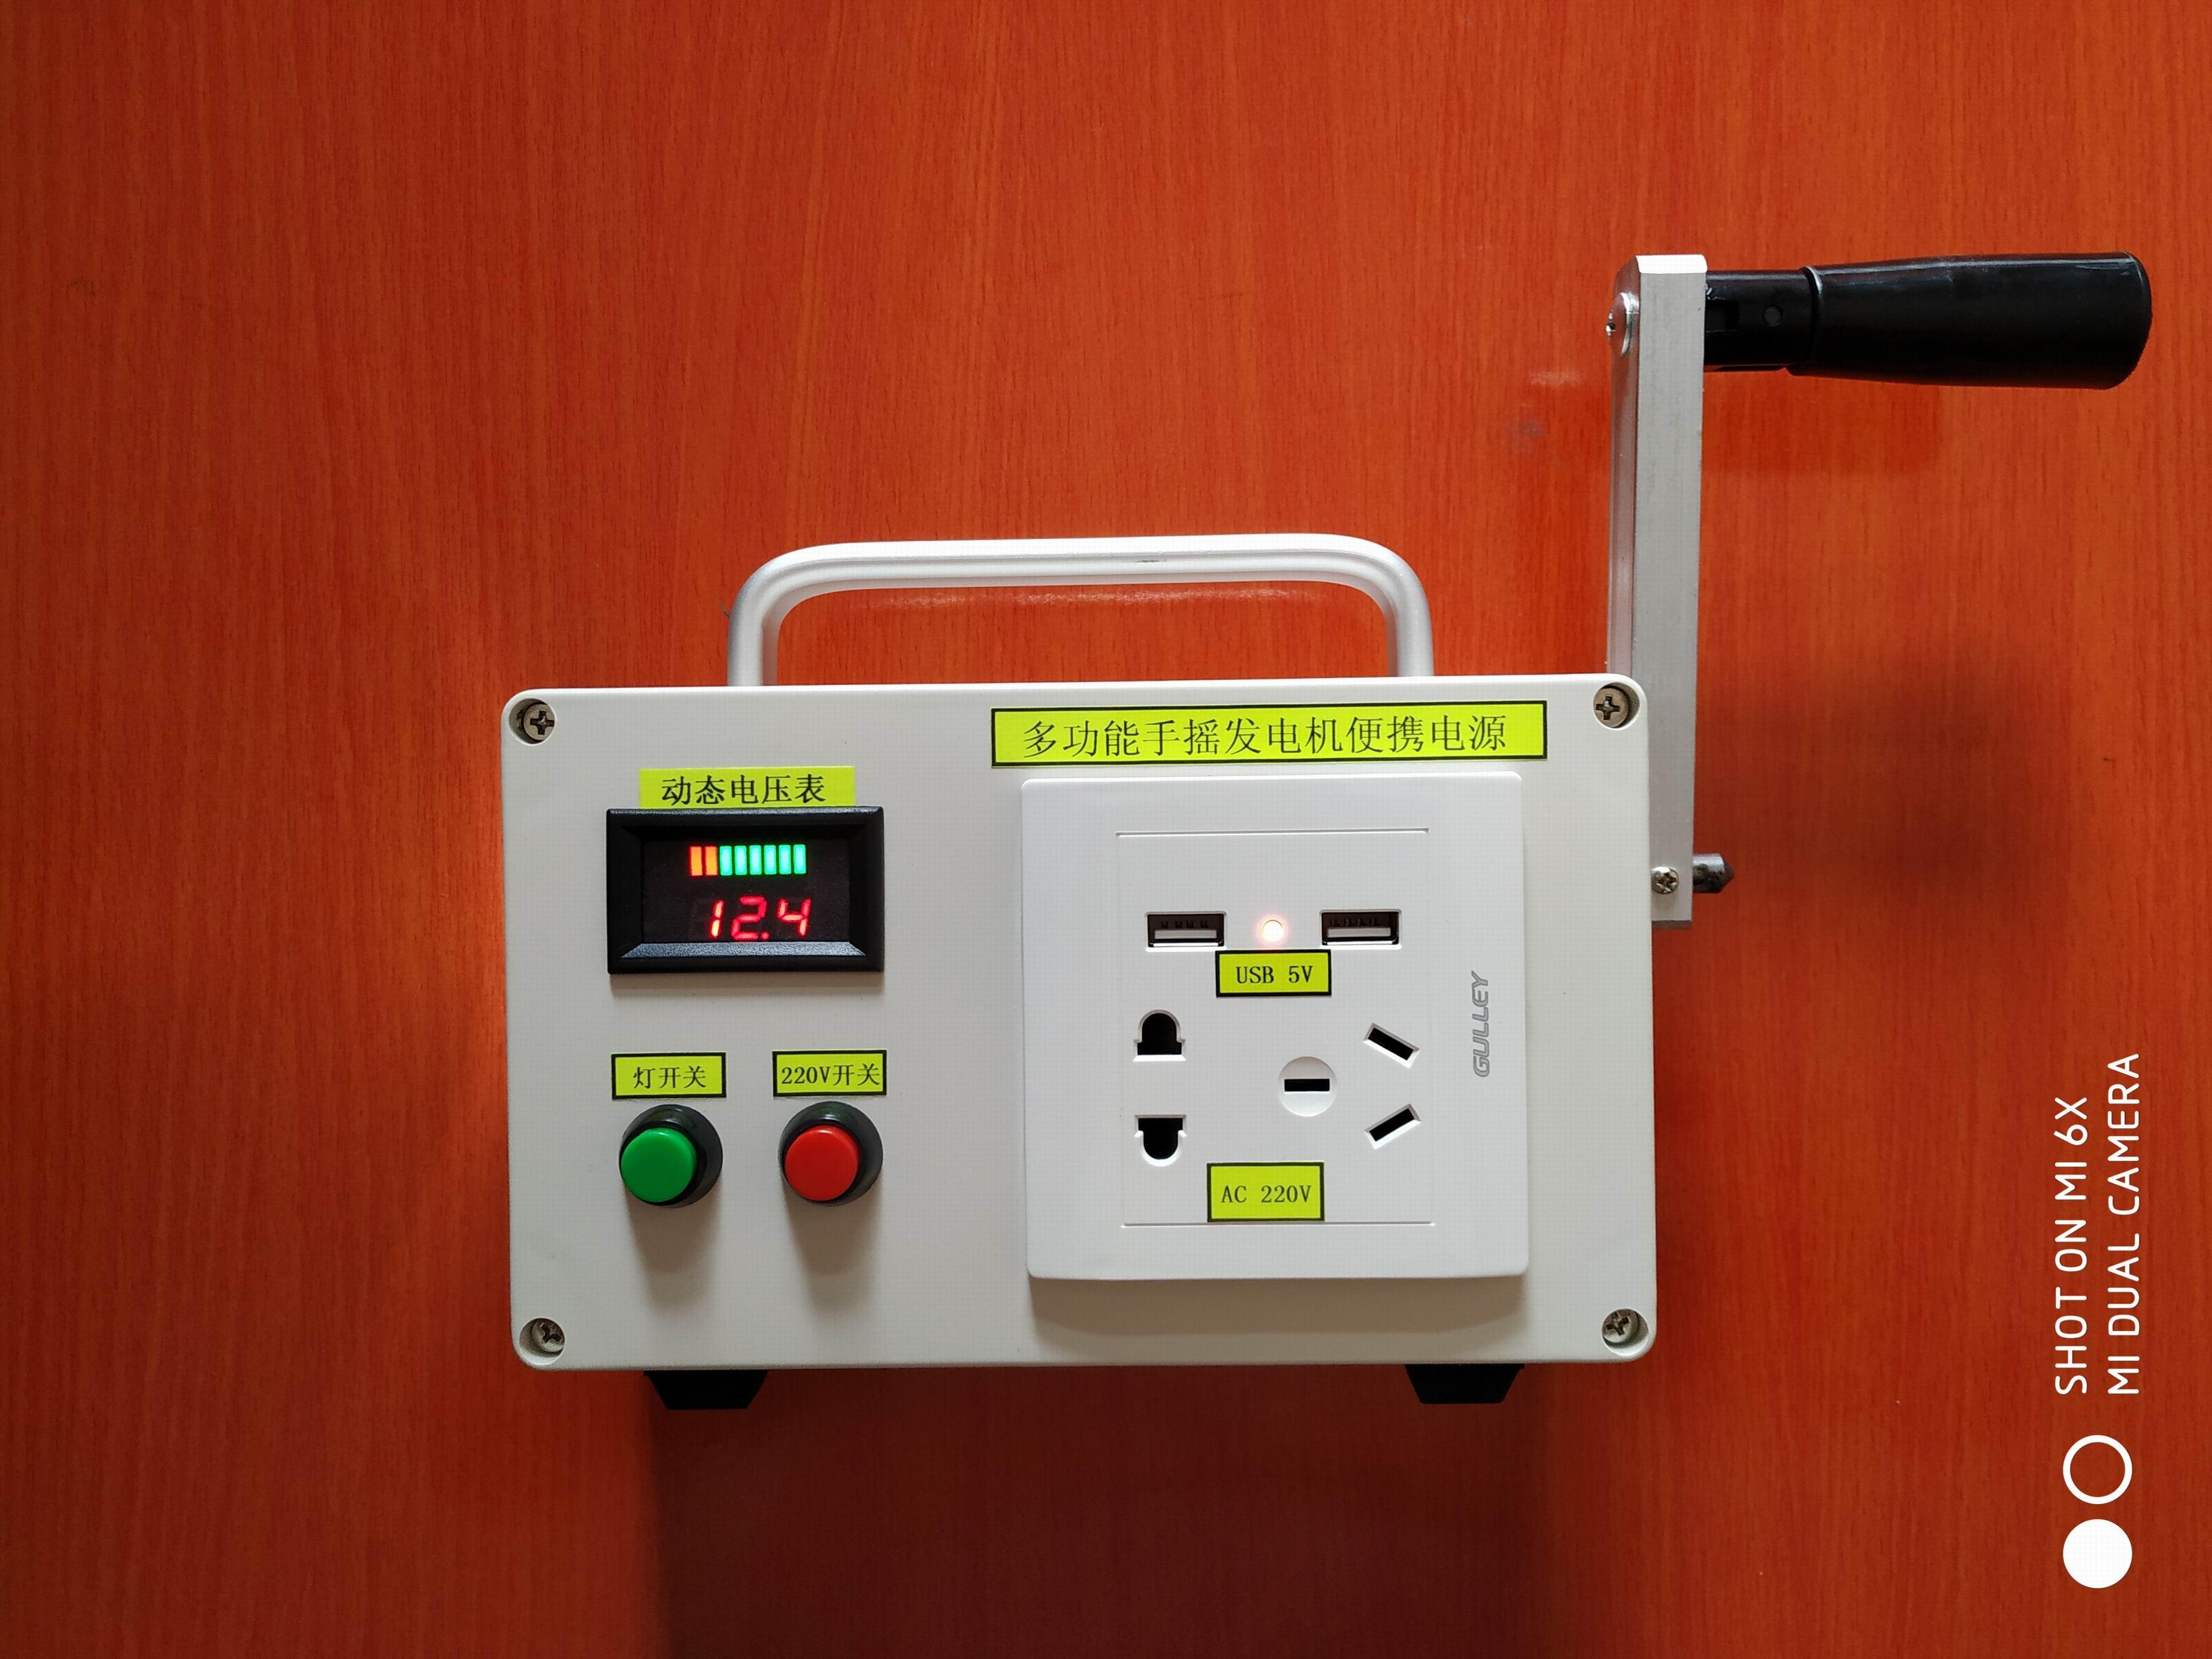 مولد كهربائي في الهواء الطلق الطاقة المتنقلة بو 220 فولت 150 واط ذاكرة سعة كبيرة تعمل بالطاقة الكهربائية الأجهزة التخييم